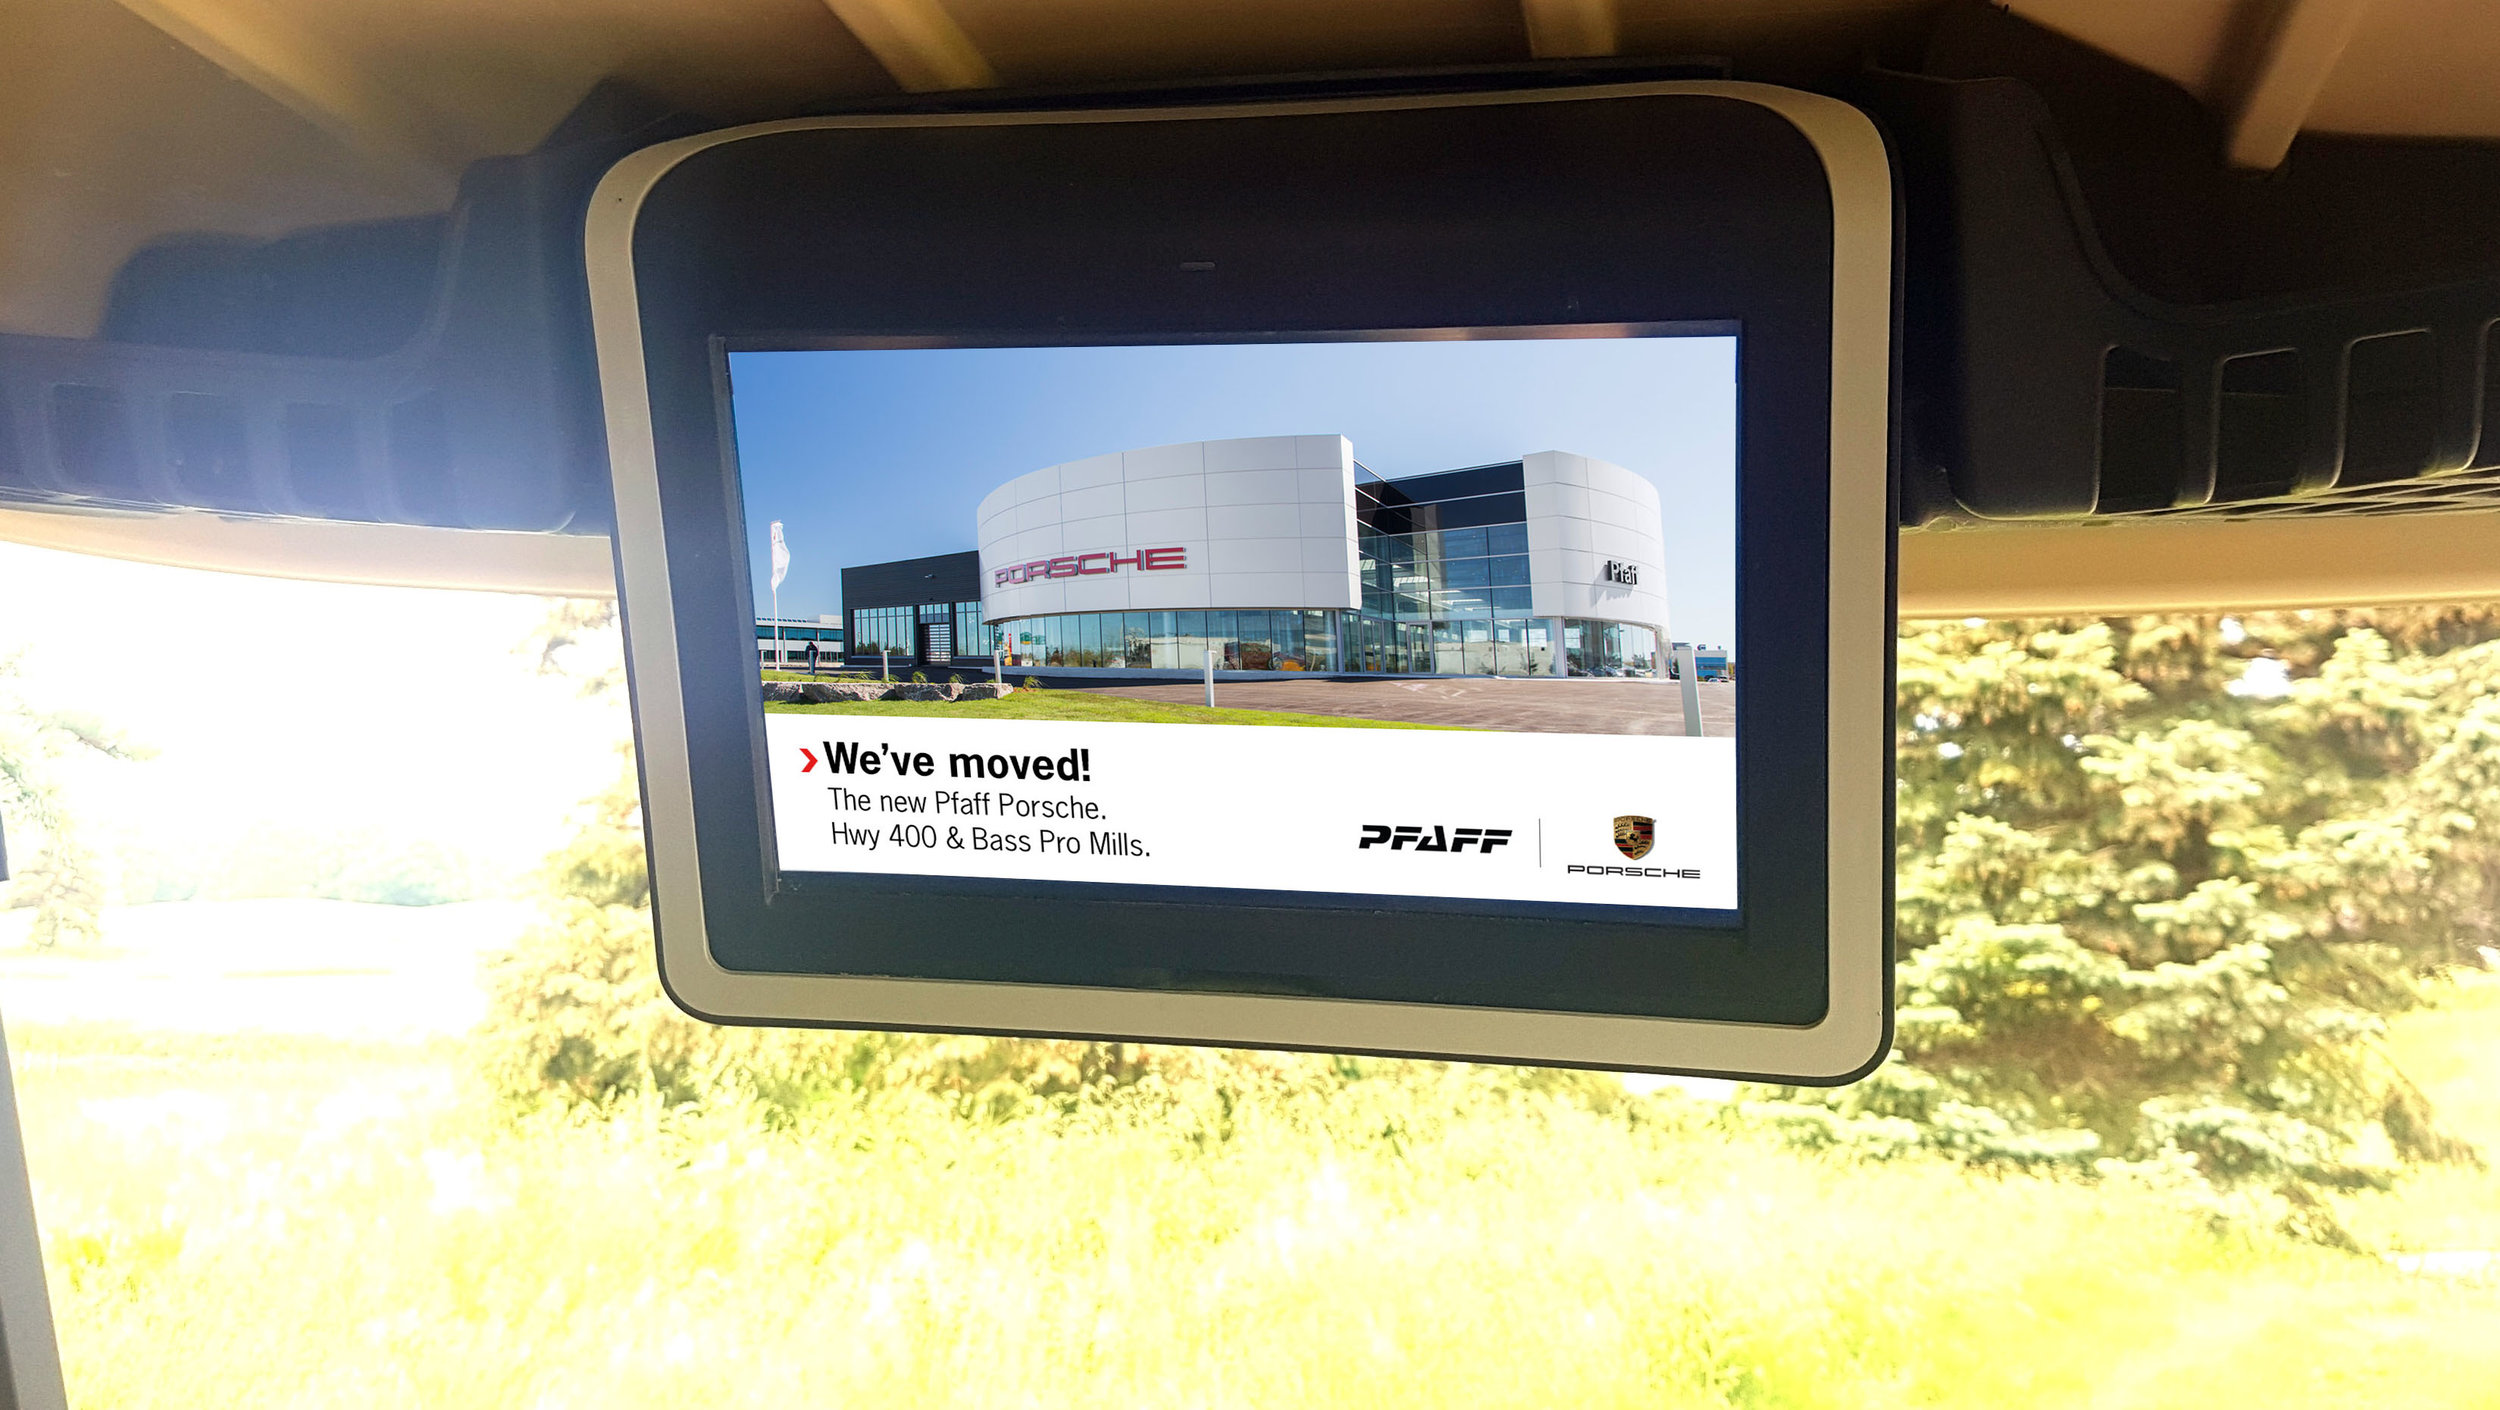 Pfaff Porsche DOOH Golf Fullscreen.jpg